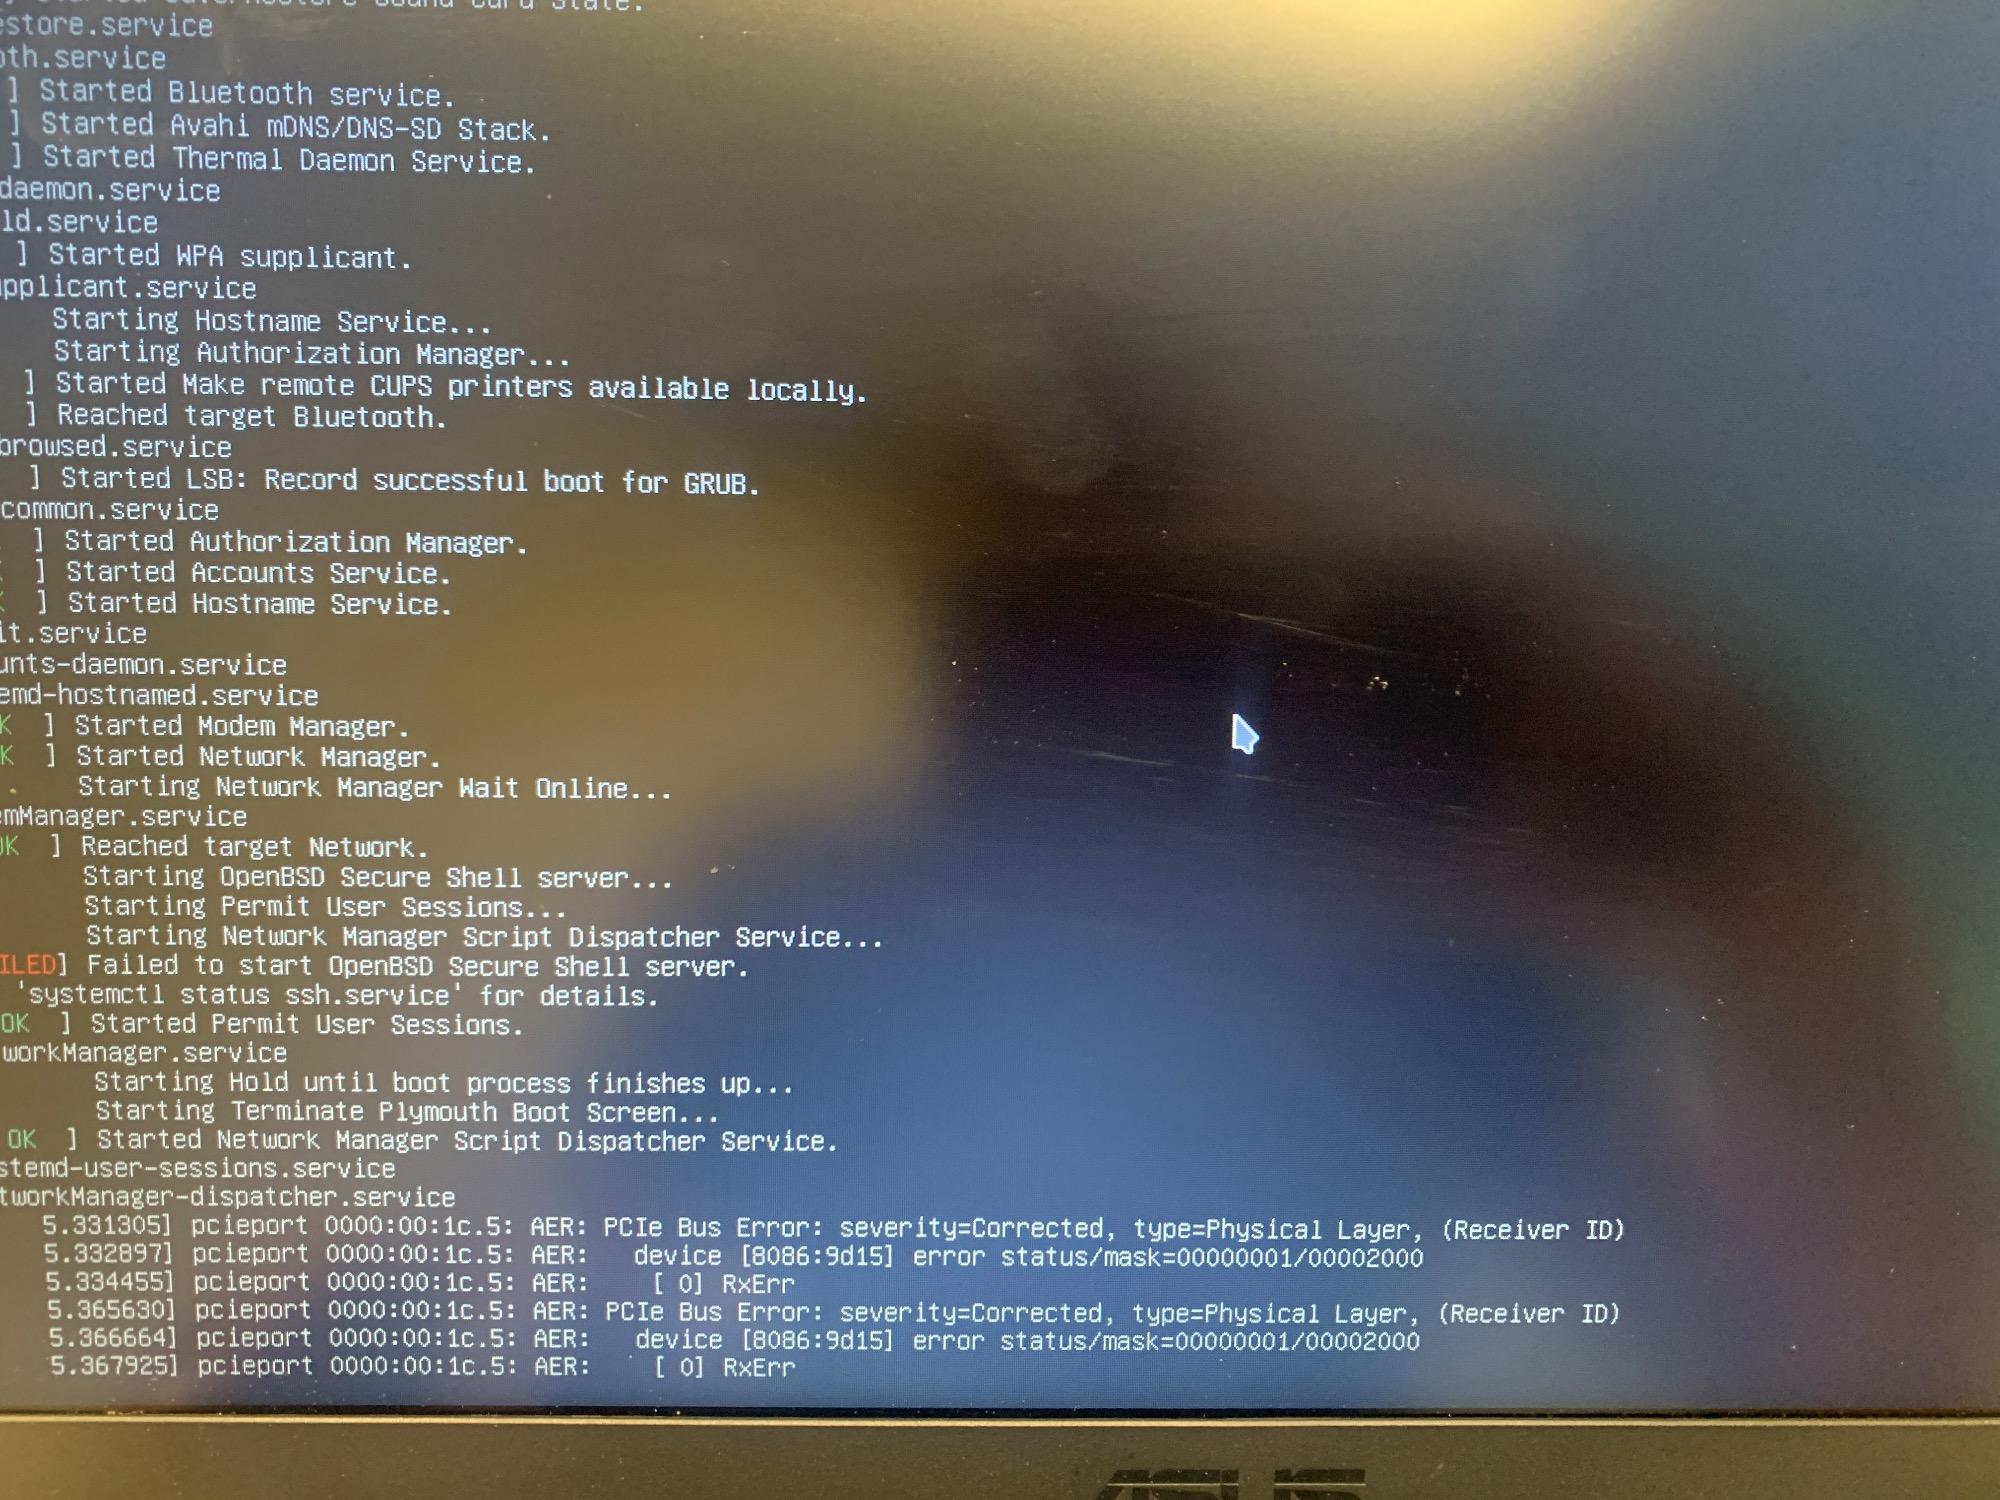 64830ED1-B52A-4816-9F7B-8CDD2996B358.jpeg